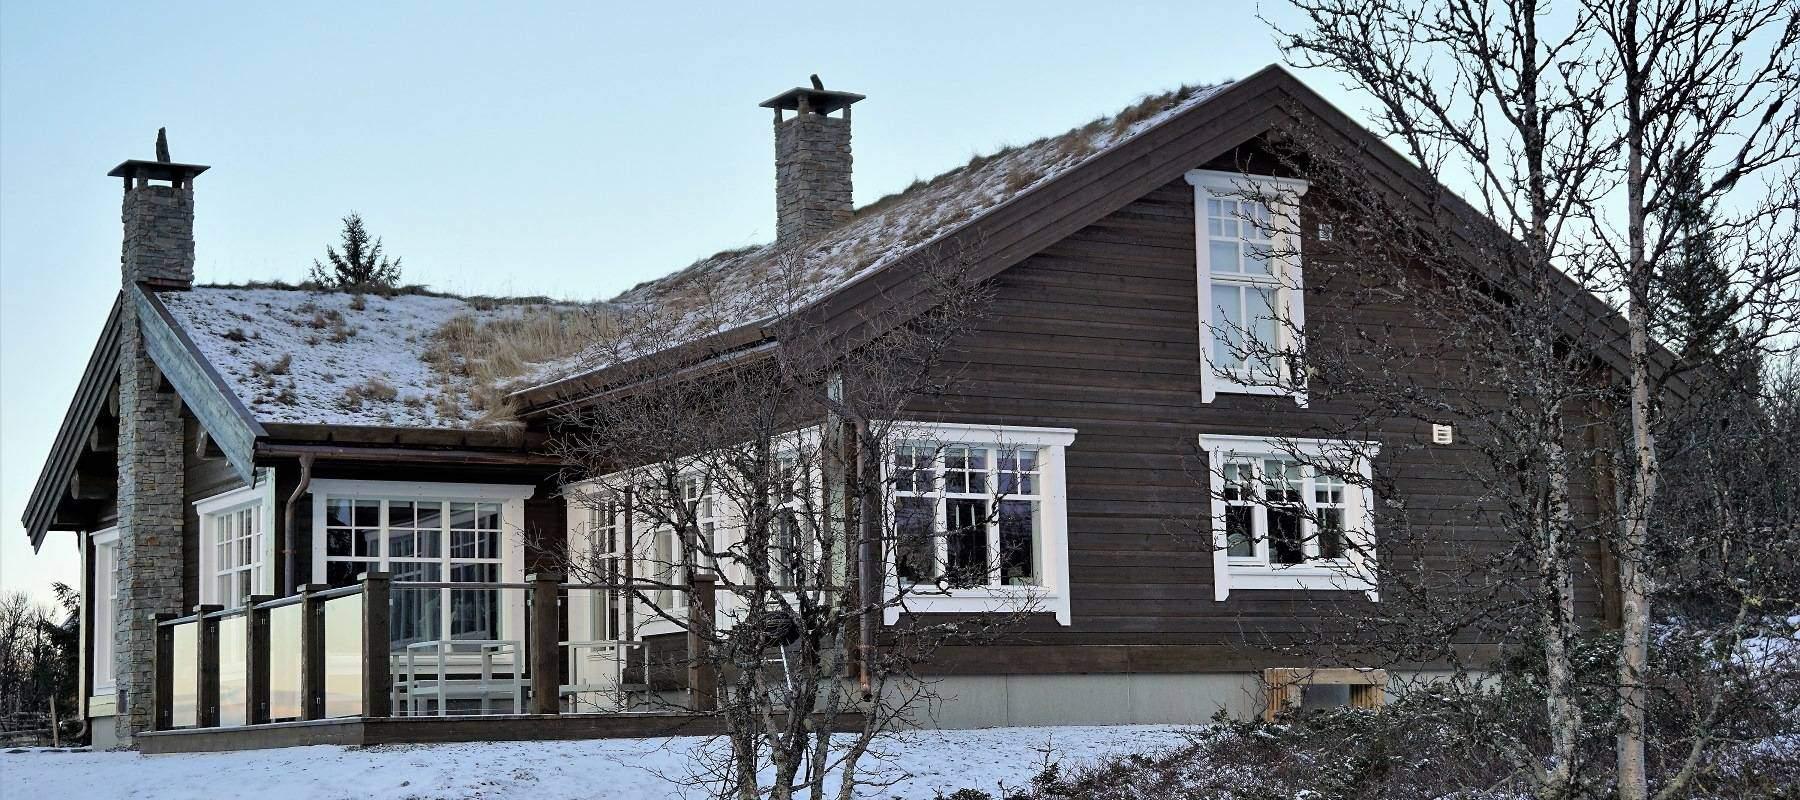 110 Hytteleverandor – Tiurtoppen Hytter Inspirasjon hytte pa Gålå